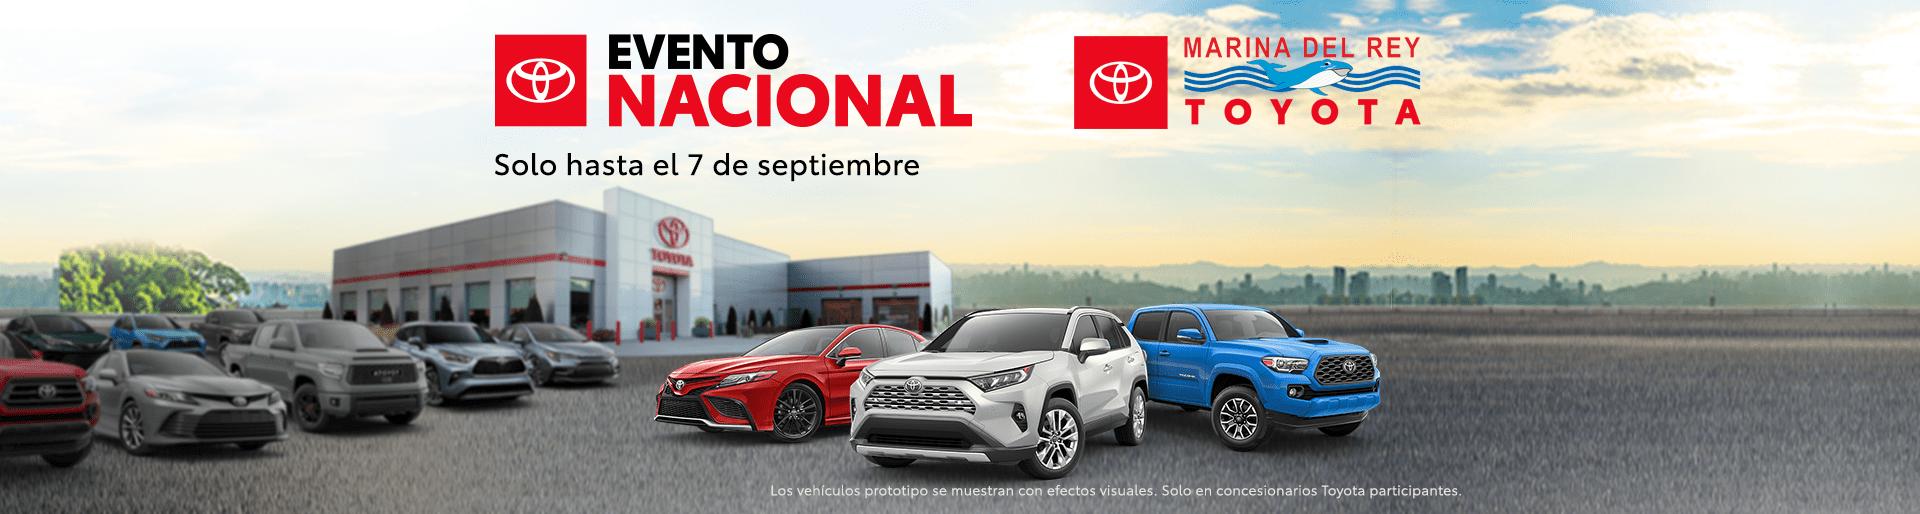 Toyota evento nacional evento de ventas julio y augusta 2021